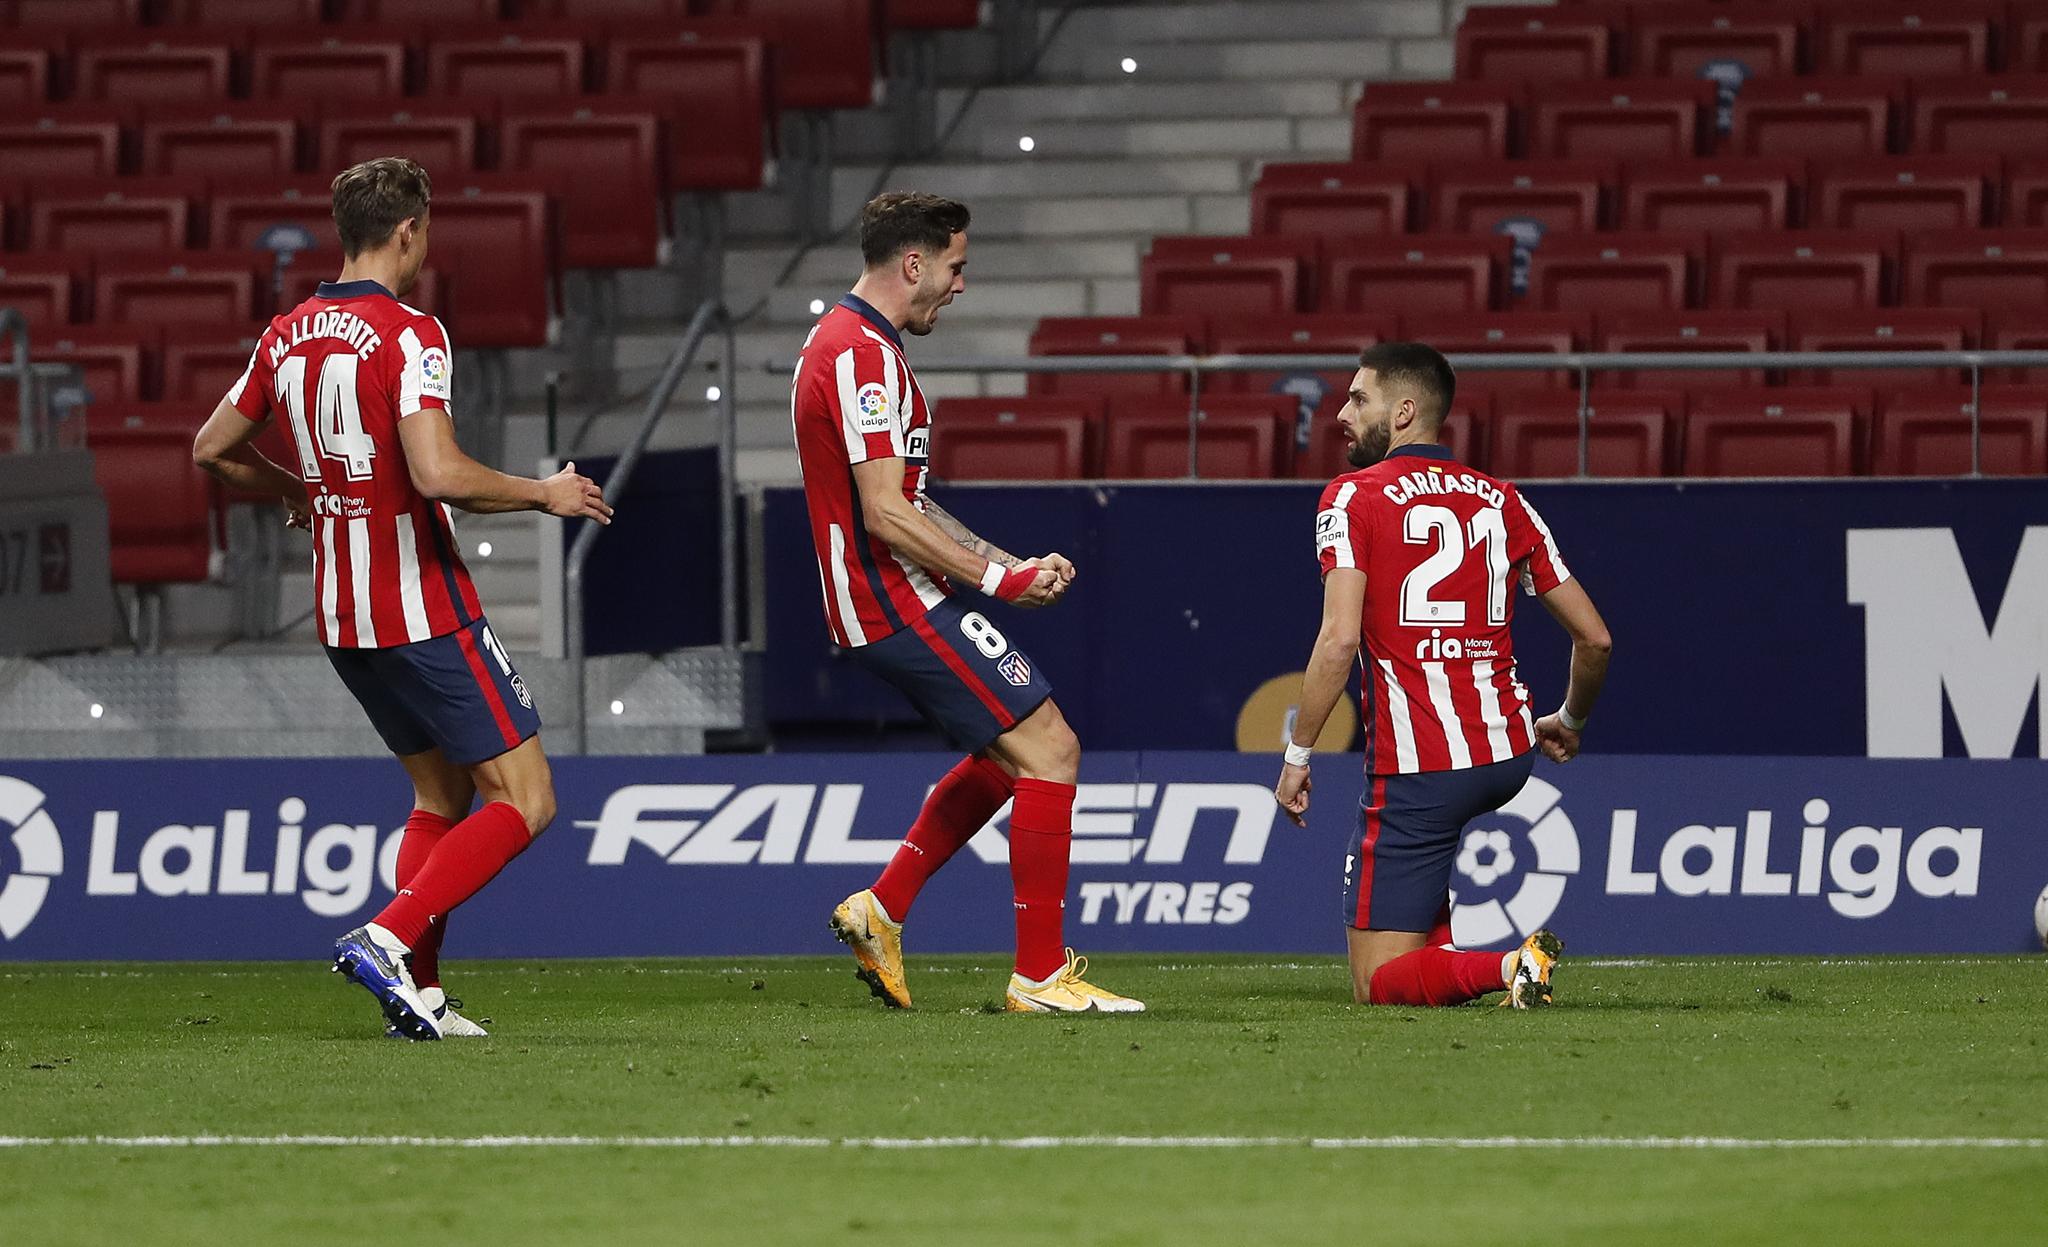 ATLETICO DE MADRID-FC BARCELONA ALEGRIAS TRAS EL GOL DE CARRASCO